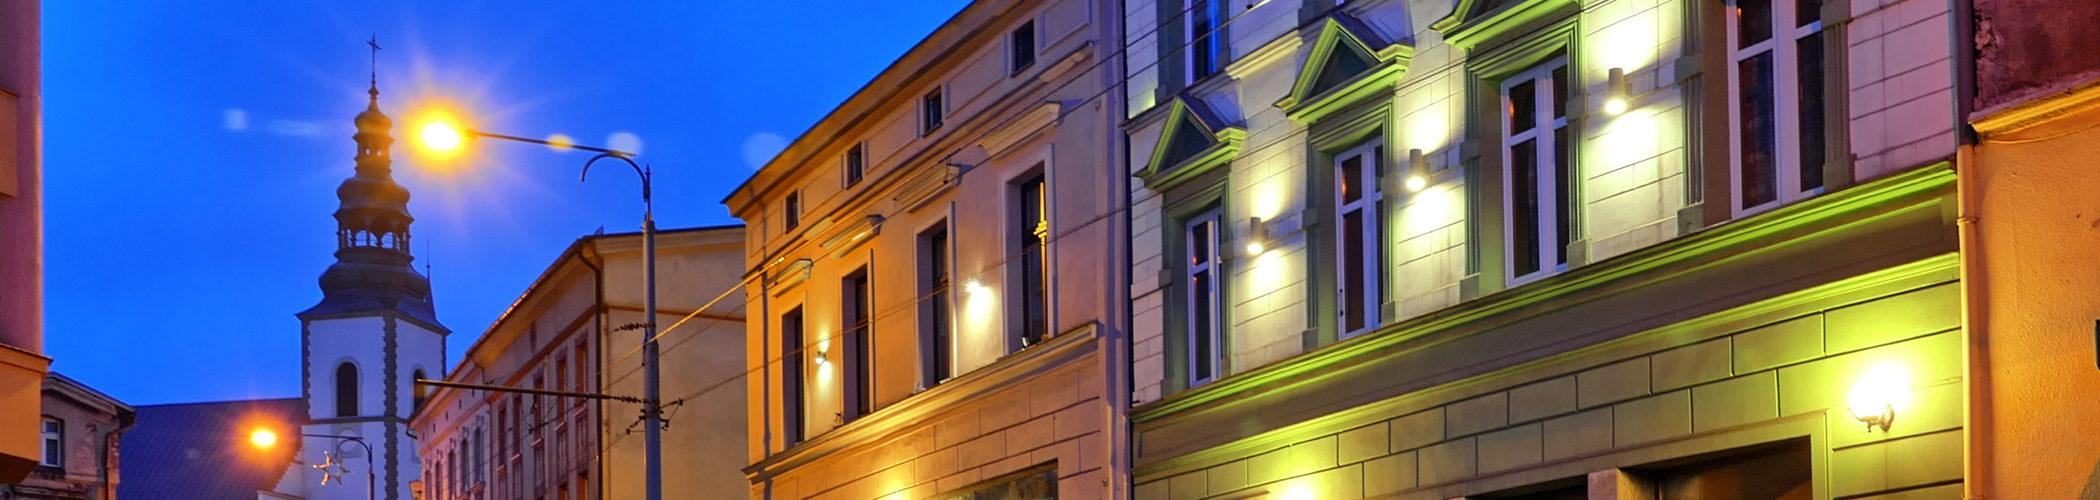 Zdjęcie ulicy Bytomskiej w Mysłowicach wieczorową porą